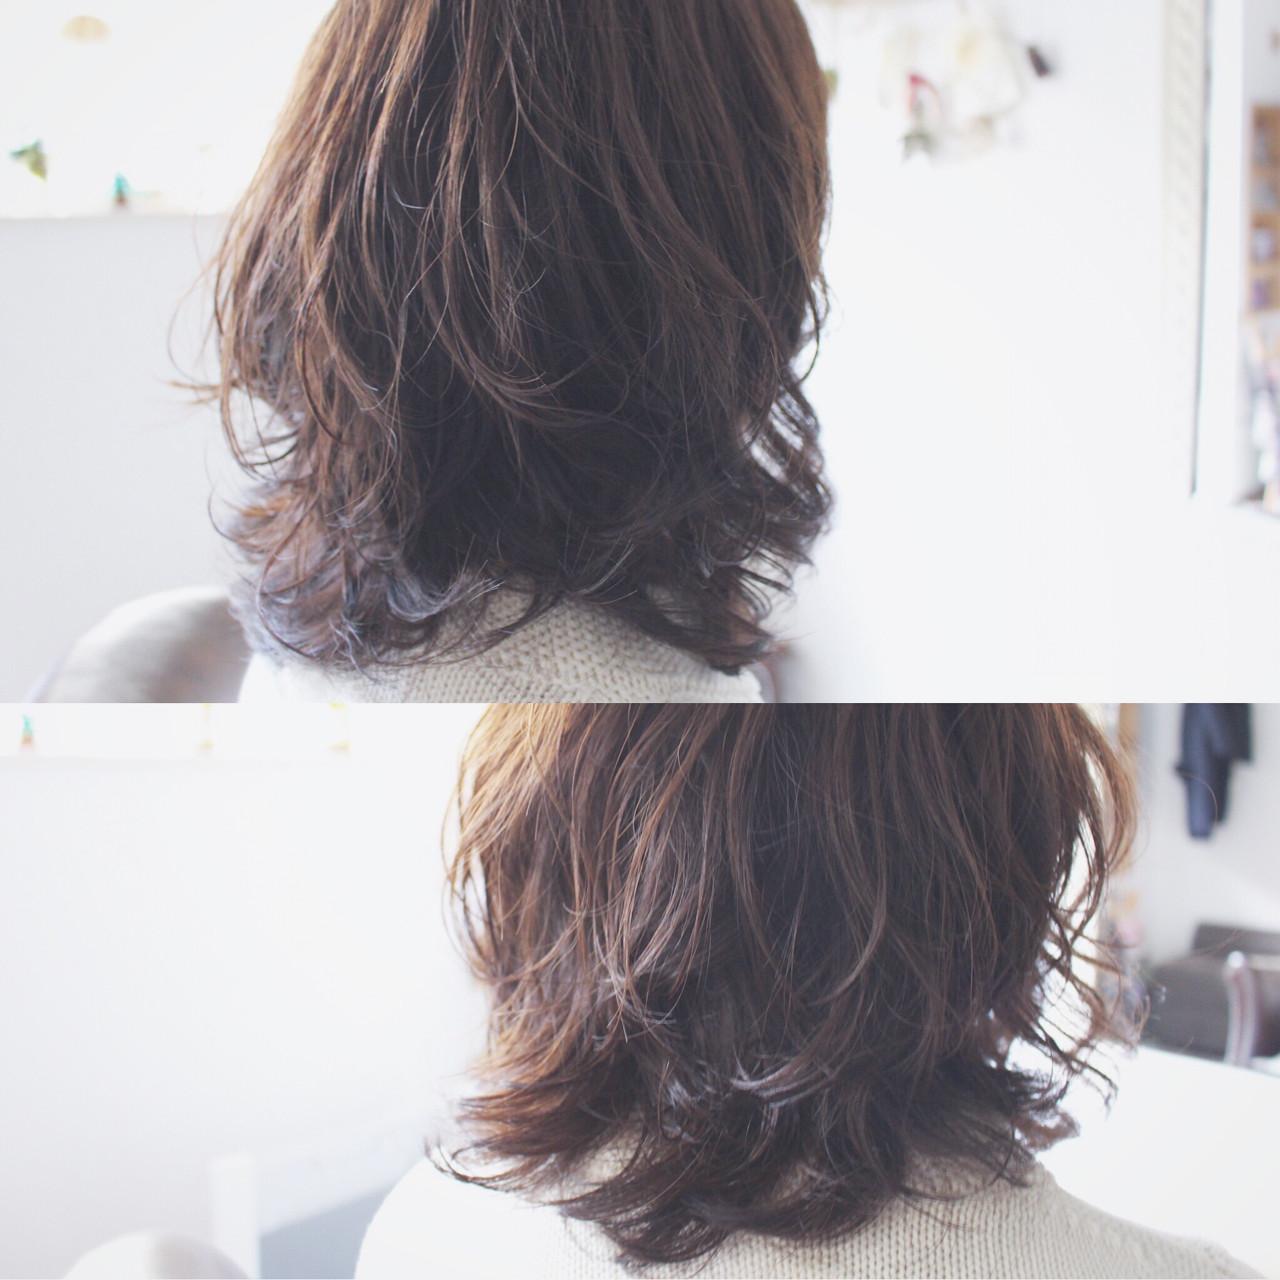 パーマ 大人かわいい フェミニン ナチュラル ヘアスタイルや髪型の写真・画像 | creap / creap